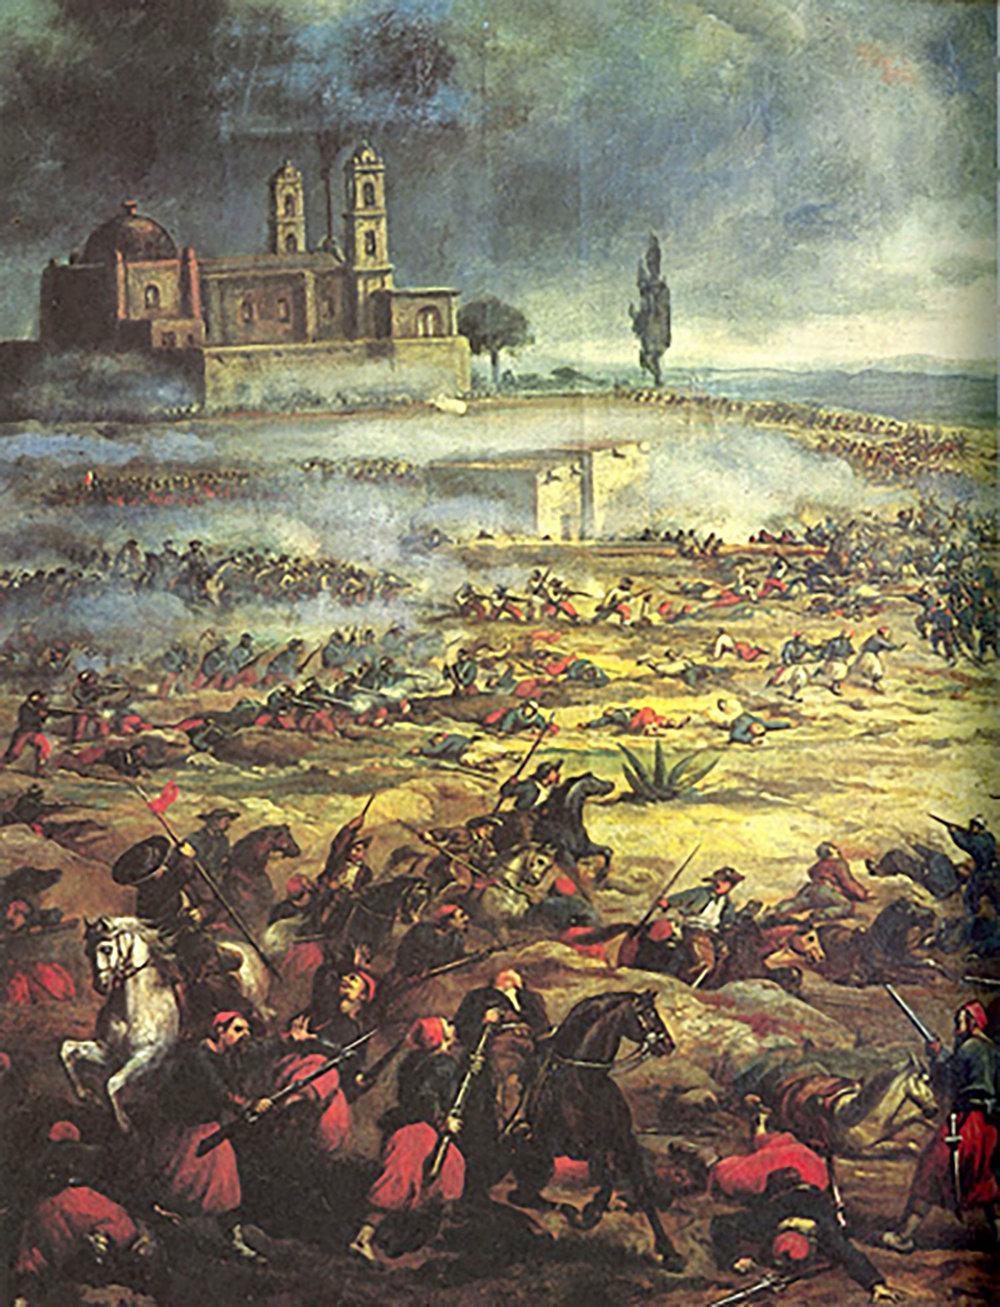 Hammocks_and_Ruins_Mayan_Mythology_What_to_Do_Mexico_Maya_Puebla_4.jpg